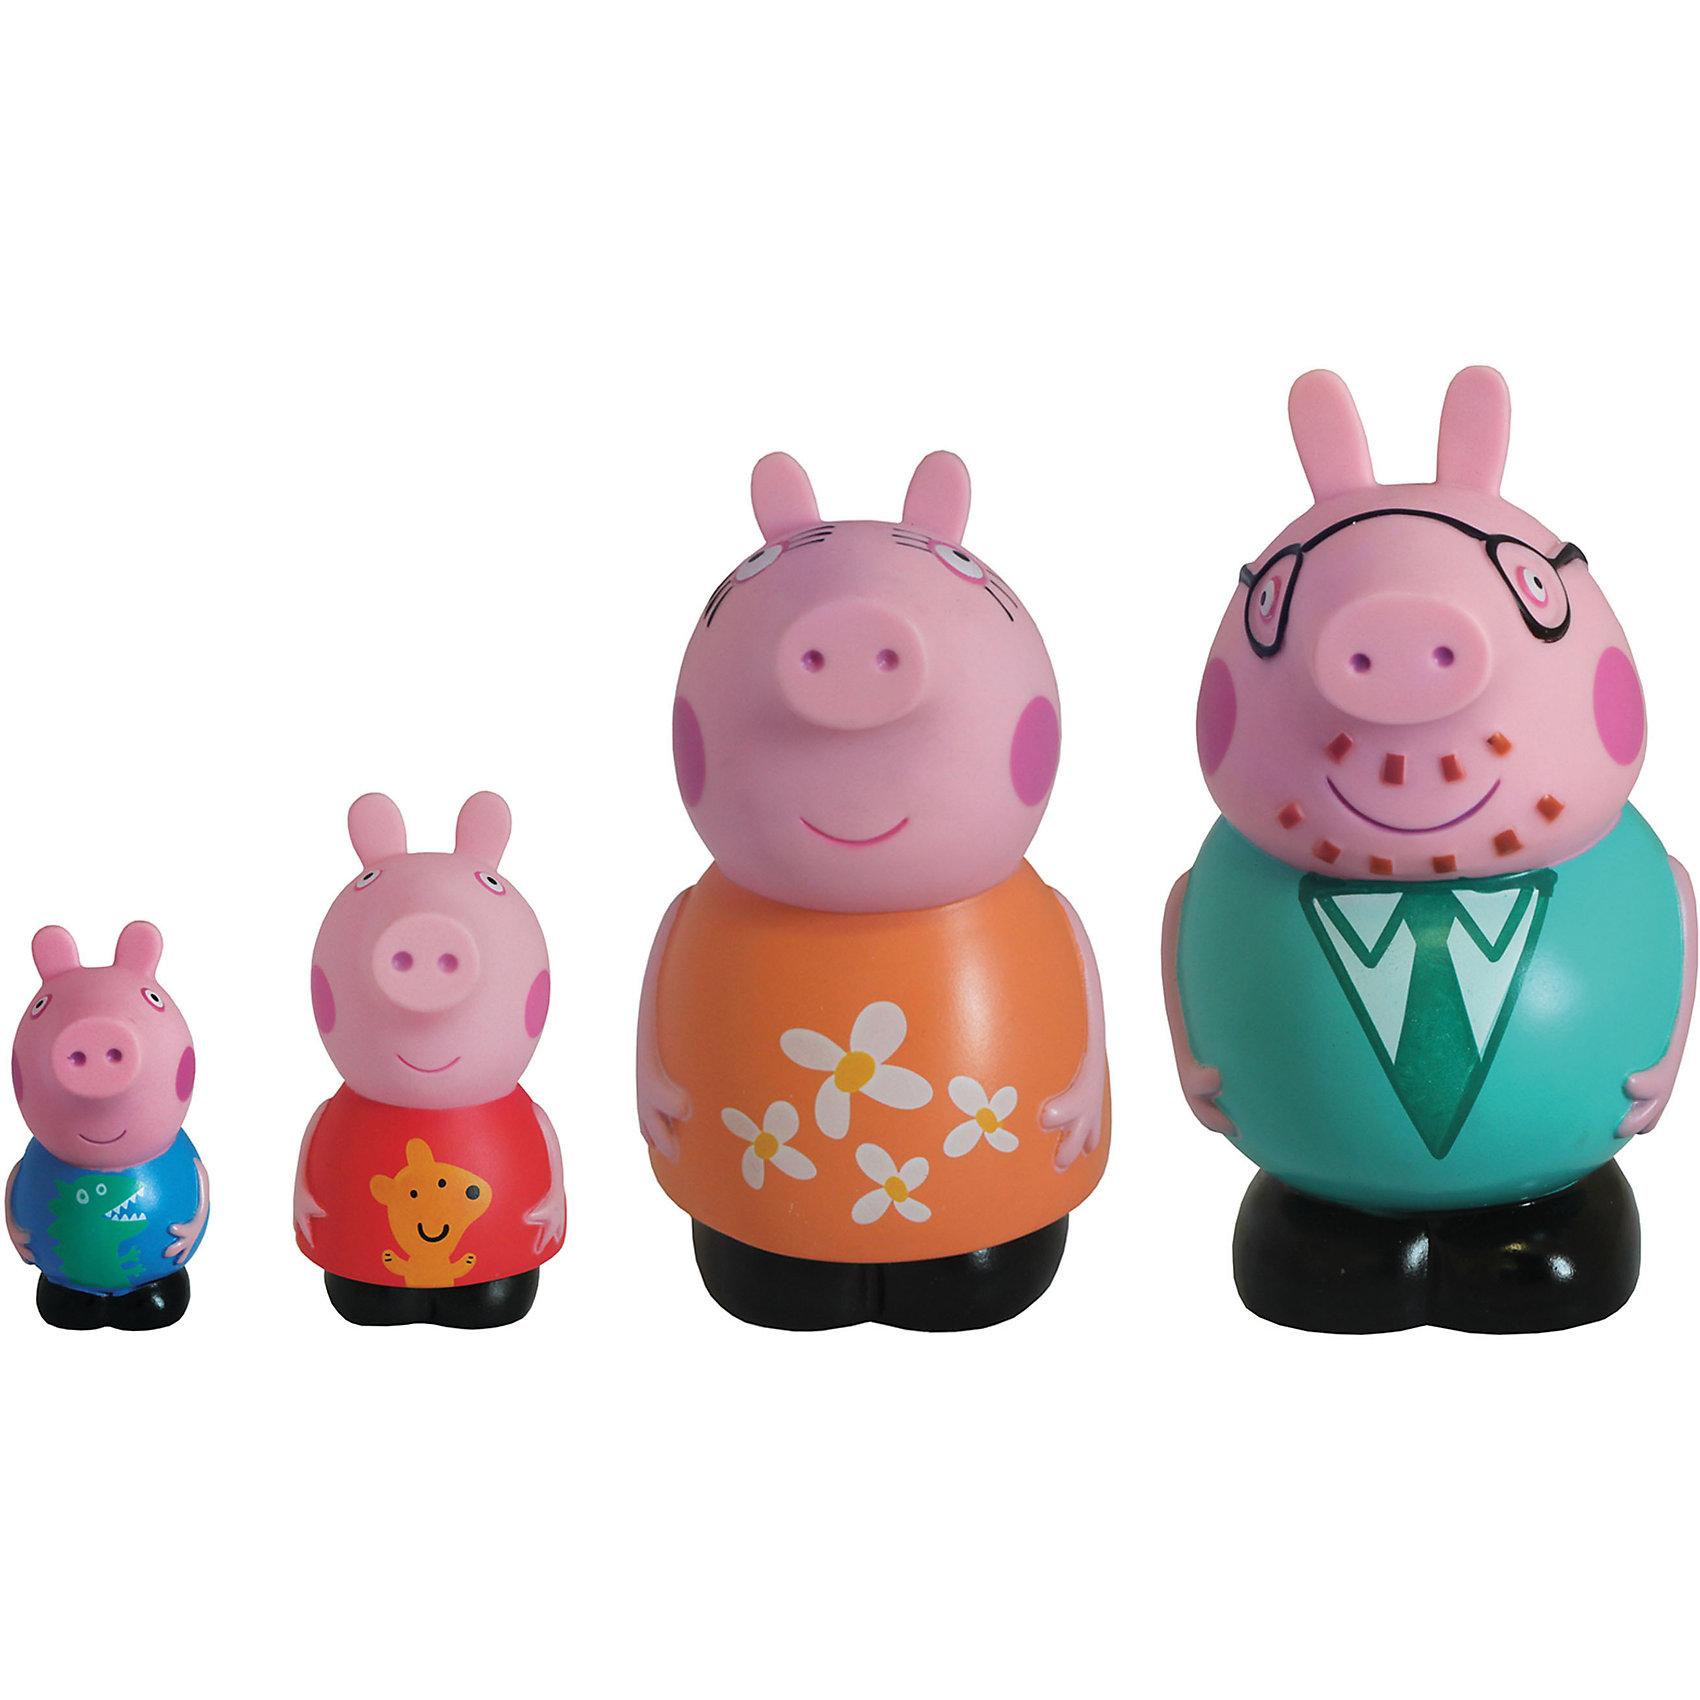 Игровой набор Семья Пеппы, Свинка ПеппаСвинка Пеппа<br>Детишки обожают мультфильм «Свинка Пеппа» (Peppa Pig), поэтому игровой набор «Семья Пеппы»  «Peppa Pig» придется по душе любому из них. С резиновыми фигурками малыш может увлеченно играть и дома, и на улице, и даже в ванне. Их яркая окраска улучшает цветовосприятие малютки, а приятная на ощупь поверхность развивает тактильные ощущения. <br>Обыгрывая взаимоотношения Пеппы с ее родителями и братиком, малыши приобщаются к семейным ценностям, обмениваются своим опытом и развивают фантазию.&#13;<br><br>Дополнительная информация:<br><br>В наборе 4 фигурки из пластизоля: Джордж (8 см), Пеппа (10 см), мама (12 см), папа (14 см).<br><br>Игровой набор Семья Пеппы, Свинка Пеппа (Peppa Pig)можно купить в нашем магазине.<br><br>Ширина мм: 120<br>Глубина мм: 95<br>Высота мм: 150<br>Вес г: 253<br>Возраст от месяцев: 36<br>Возраст до месяцев: 2147483647<br>Пол: Унисекс<br>Возраст: Детский<br>SKU: 4102302